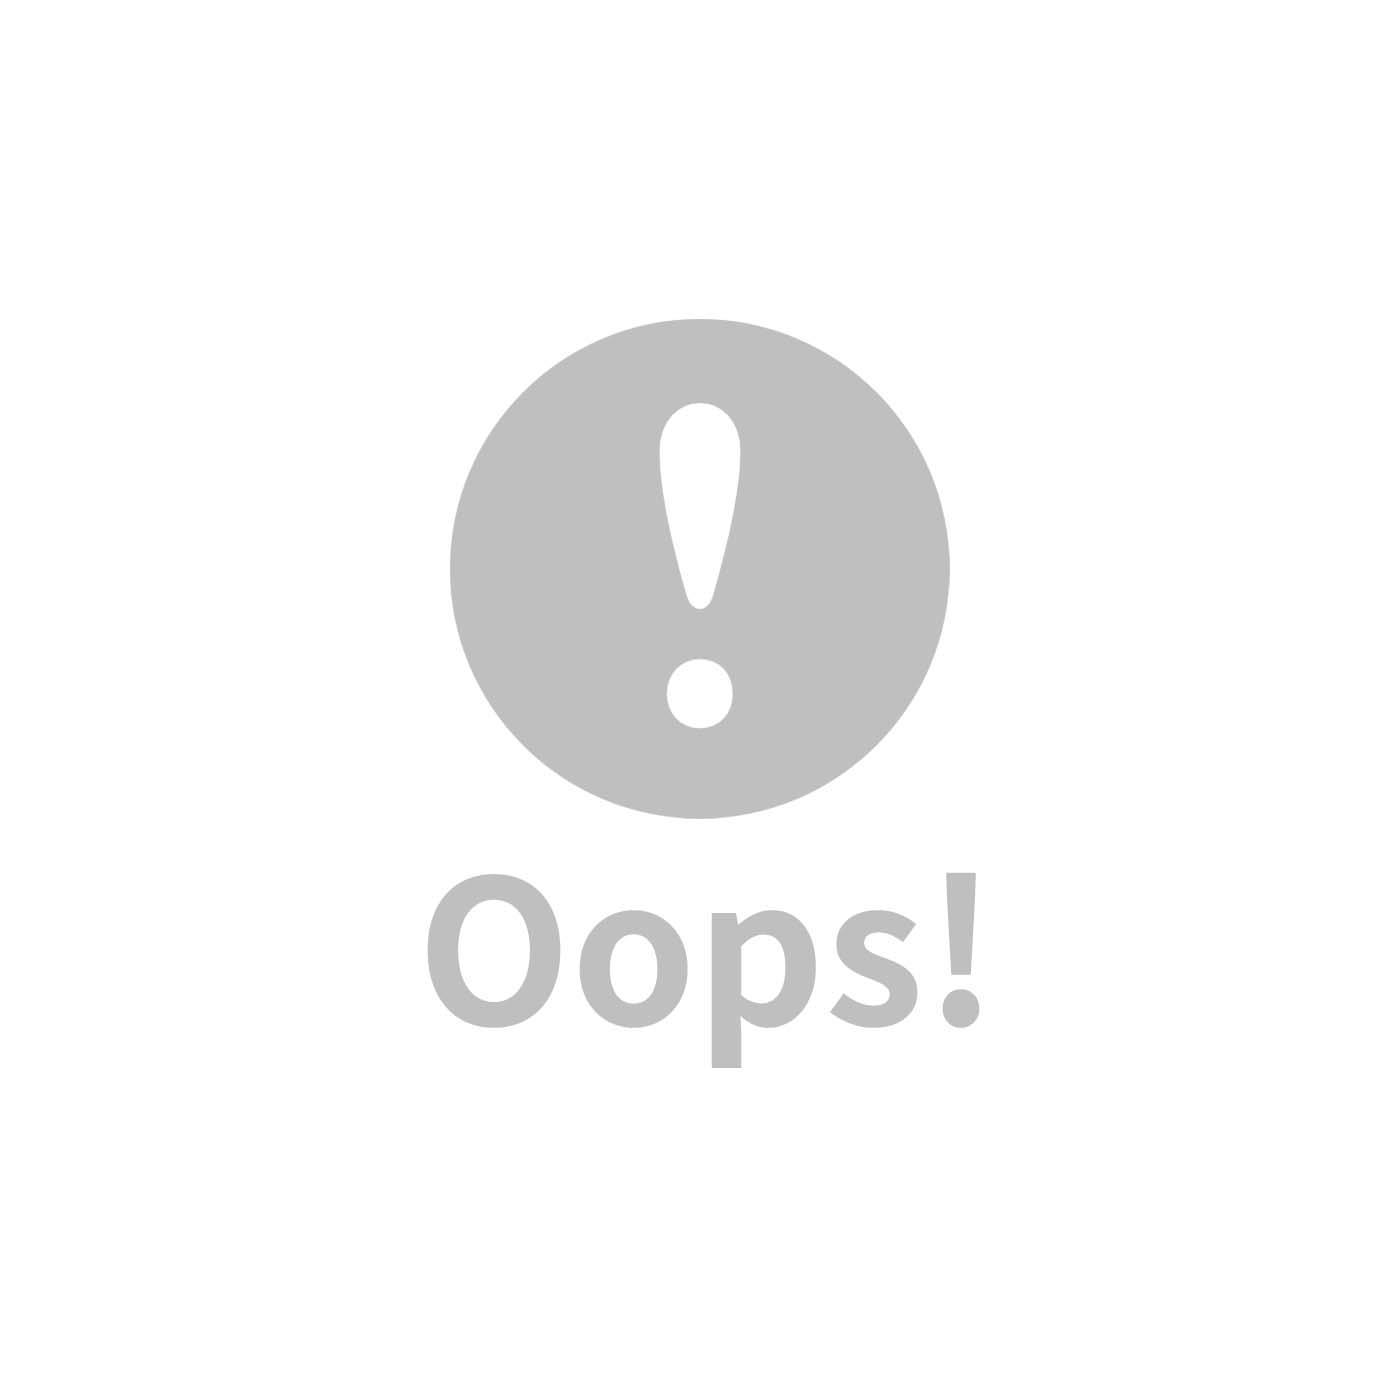 包巾-La Millou 竹纖涼感巾加大-圓形流蘇(限量款小鹿斑比-白底)